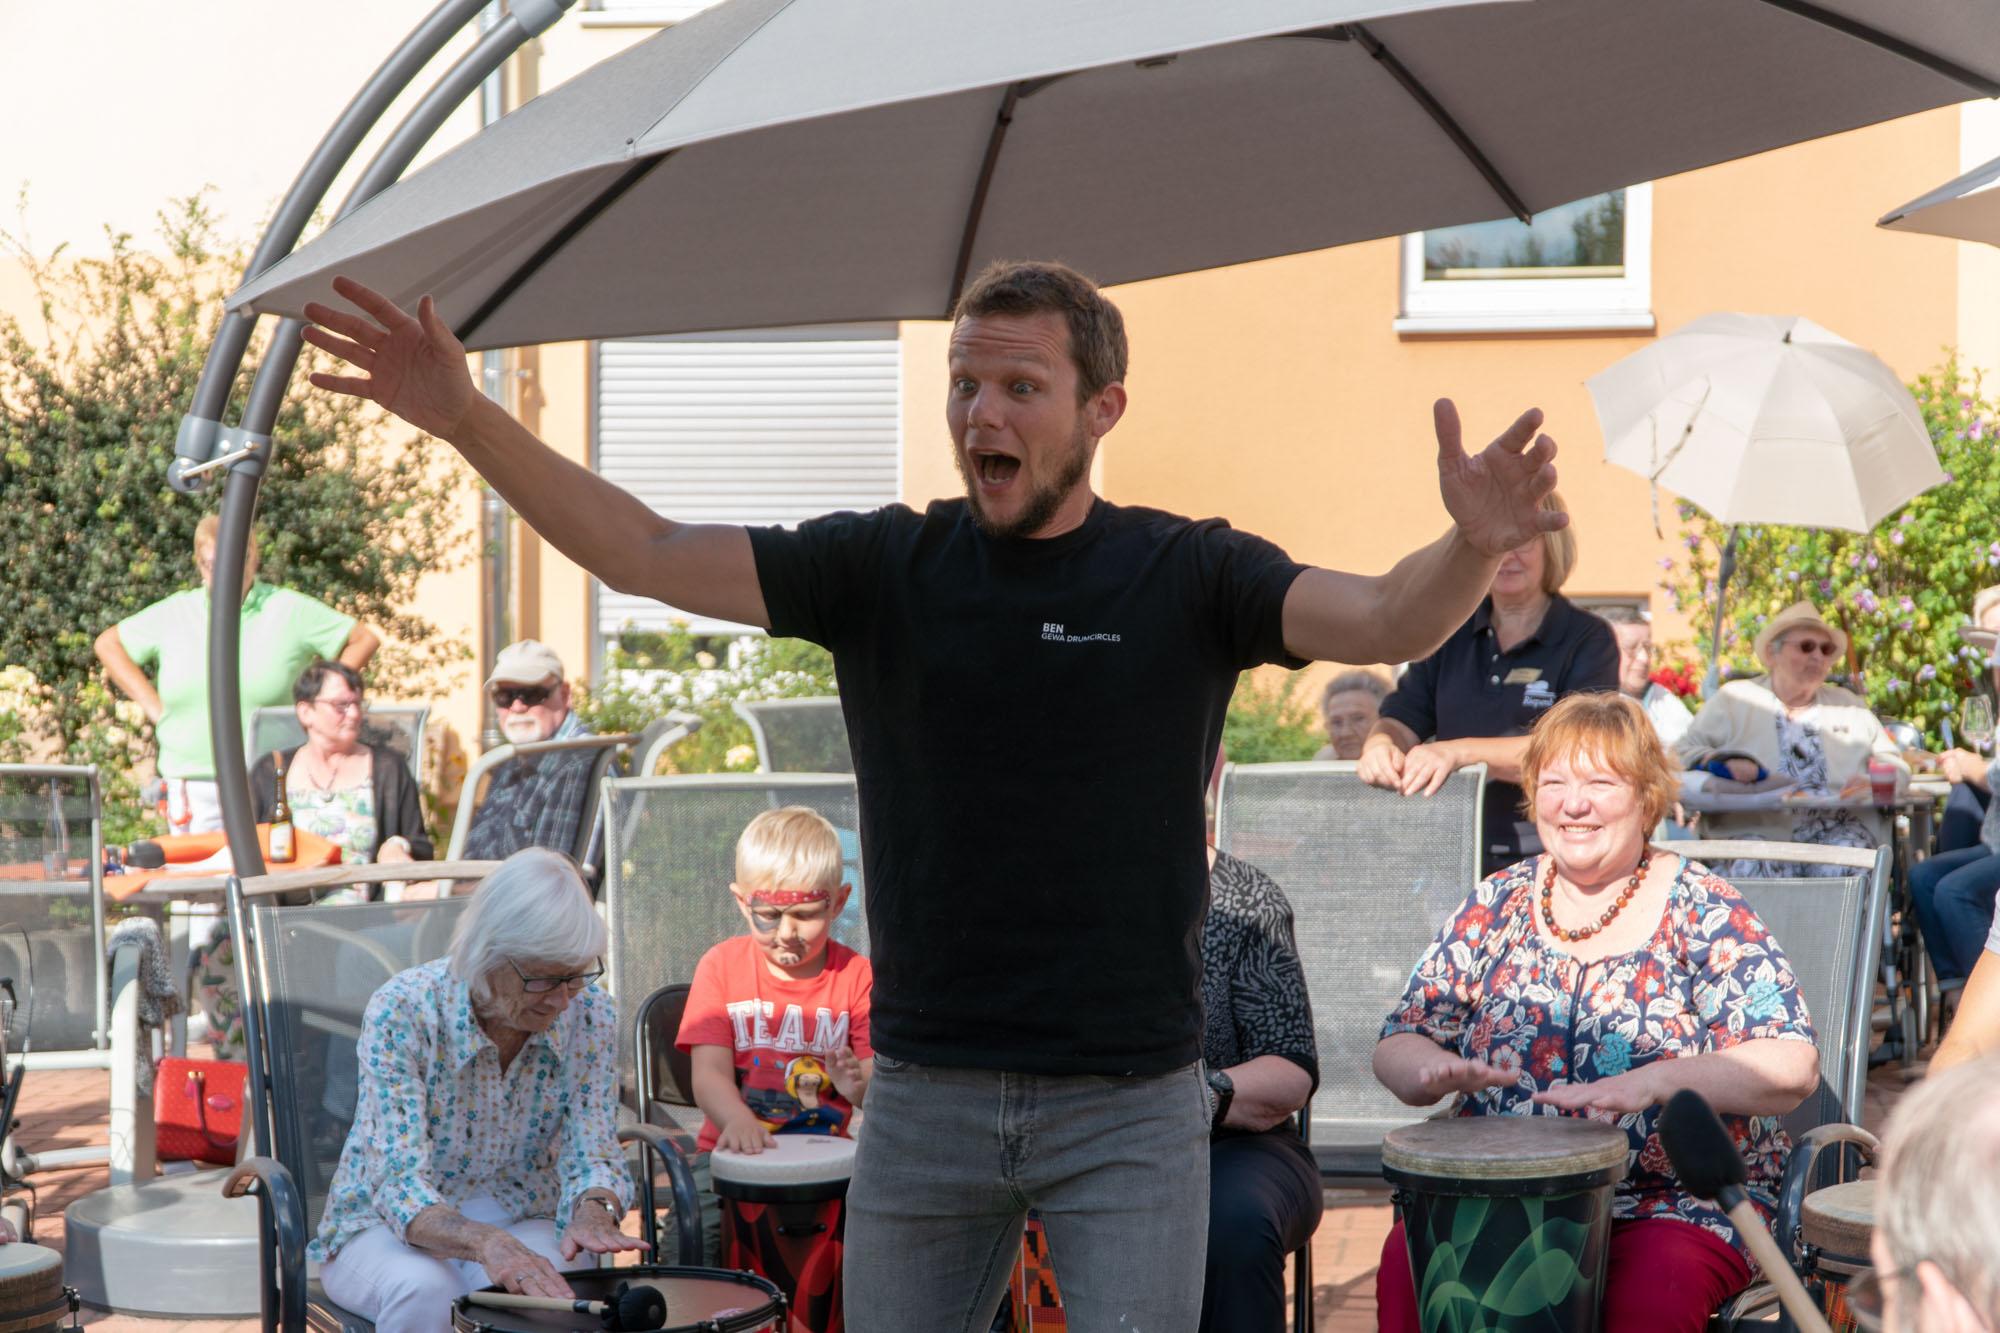 Wir Sind Altenpflege Seniorendomizil Riepenblick Sommerfest Drum Circle11. August 2018 ARMAMDO VERANO-33